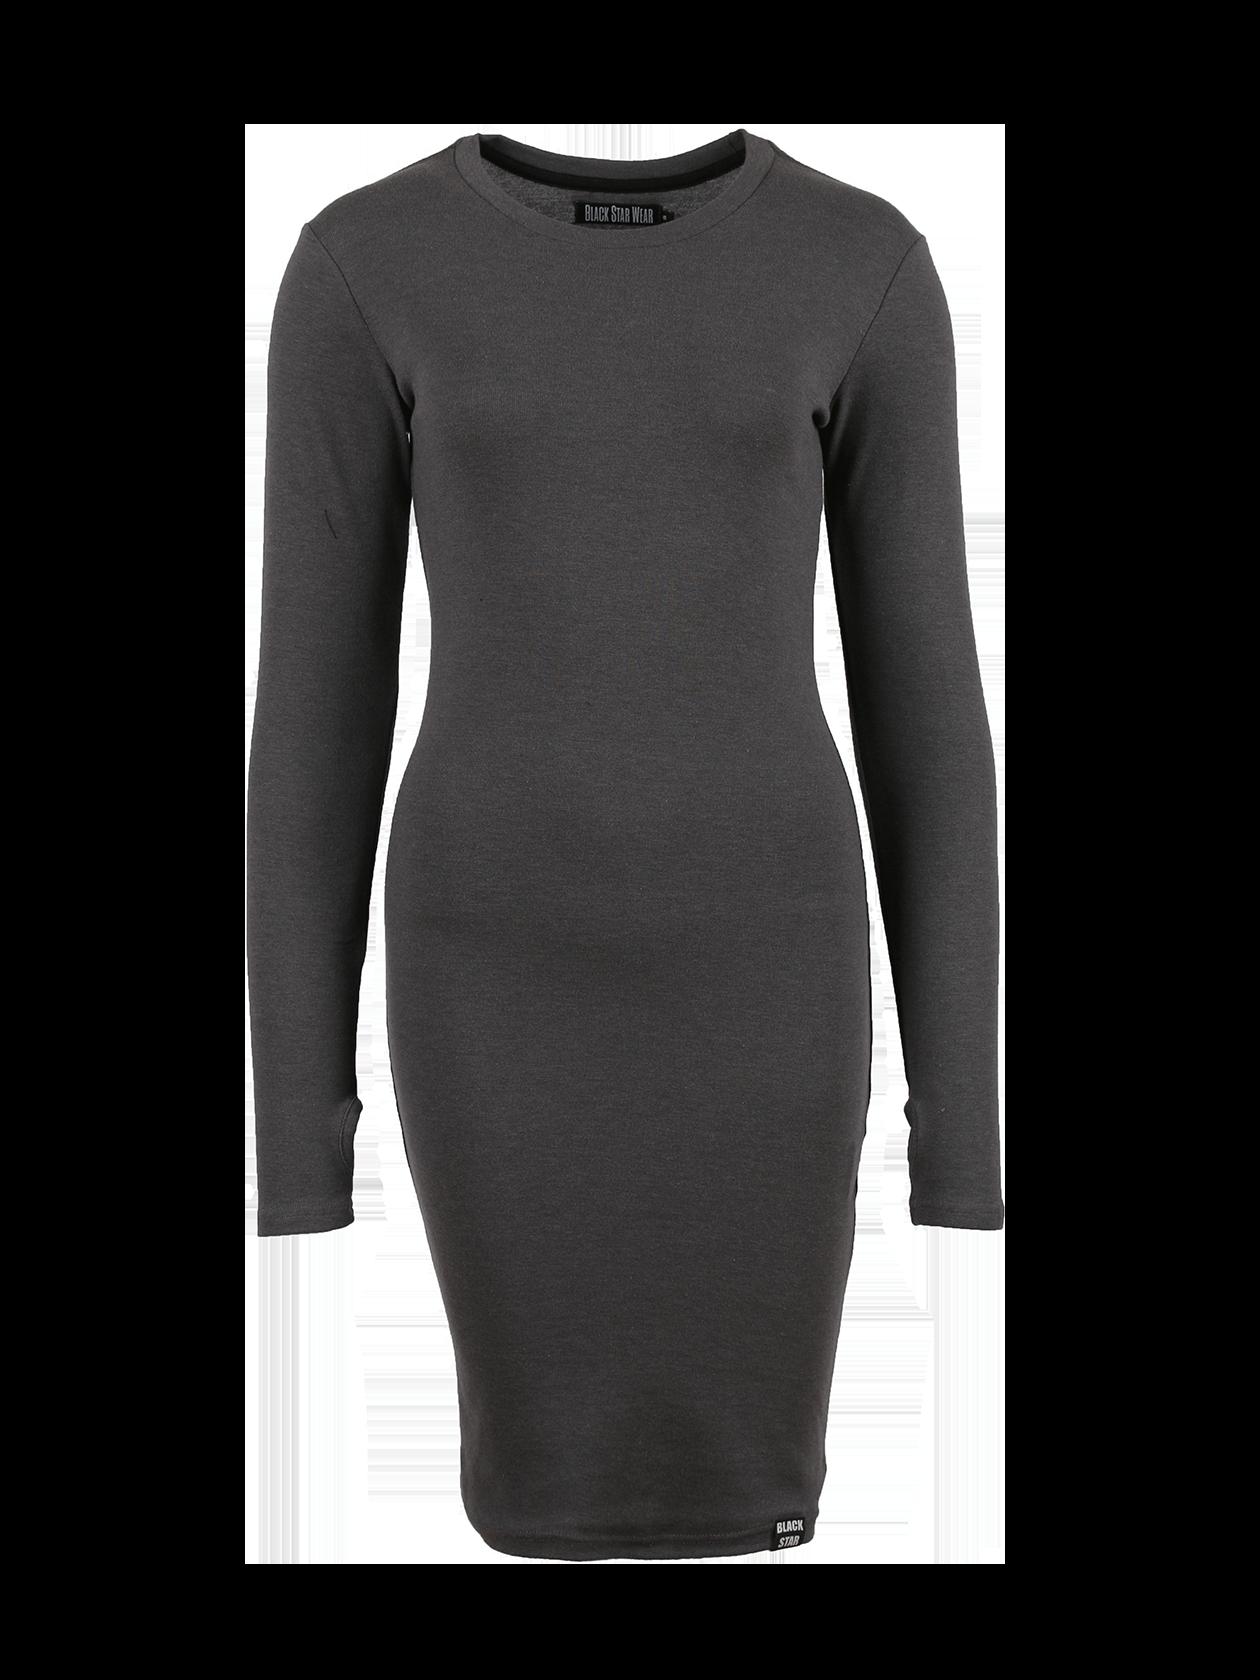 Платье женское SKINNY RIBЧерное платье женское Skinny Rib из новой линии одежды Basic по специальной цене – стильный вариант для создания повседневного образа. Модель облегающего силуэта длиной до колена. Округлая неглубокая горловина с жаккардовым лейблом Black Star Wear на внутренней стороне, длинный рукав с выемкой для большого пальца. Материал изготовления – бленд высококачественного хлопка. Внизу сбоку нашивка с логотипом. Идеально подходит для работы, отдыха, встреч с друзьями.<br><br>Размер: L<br>Цвет: Серый<br>Пол: Женский